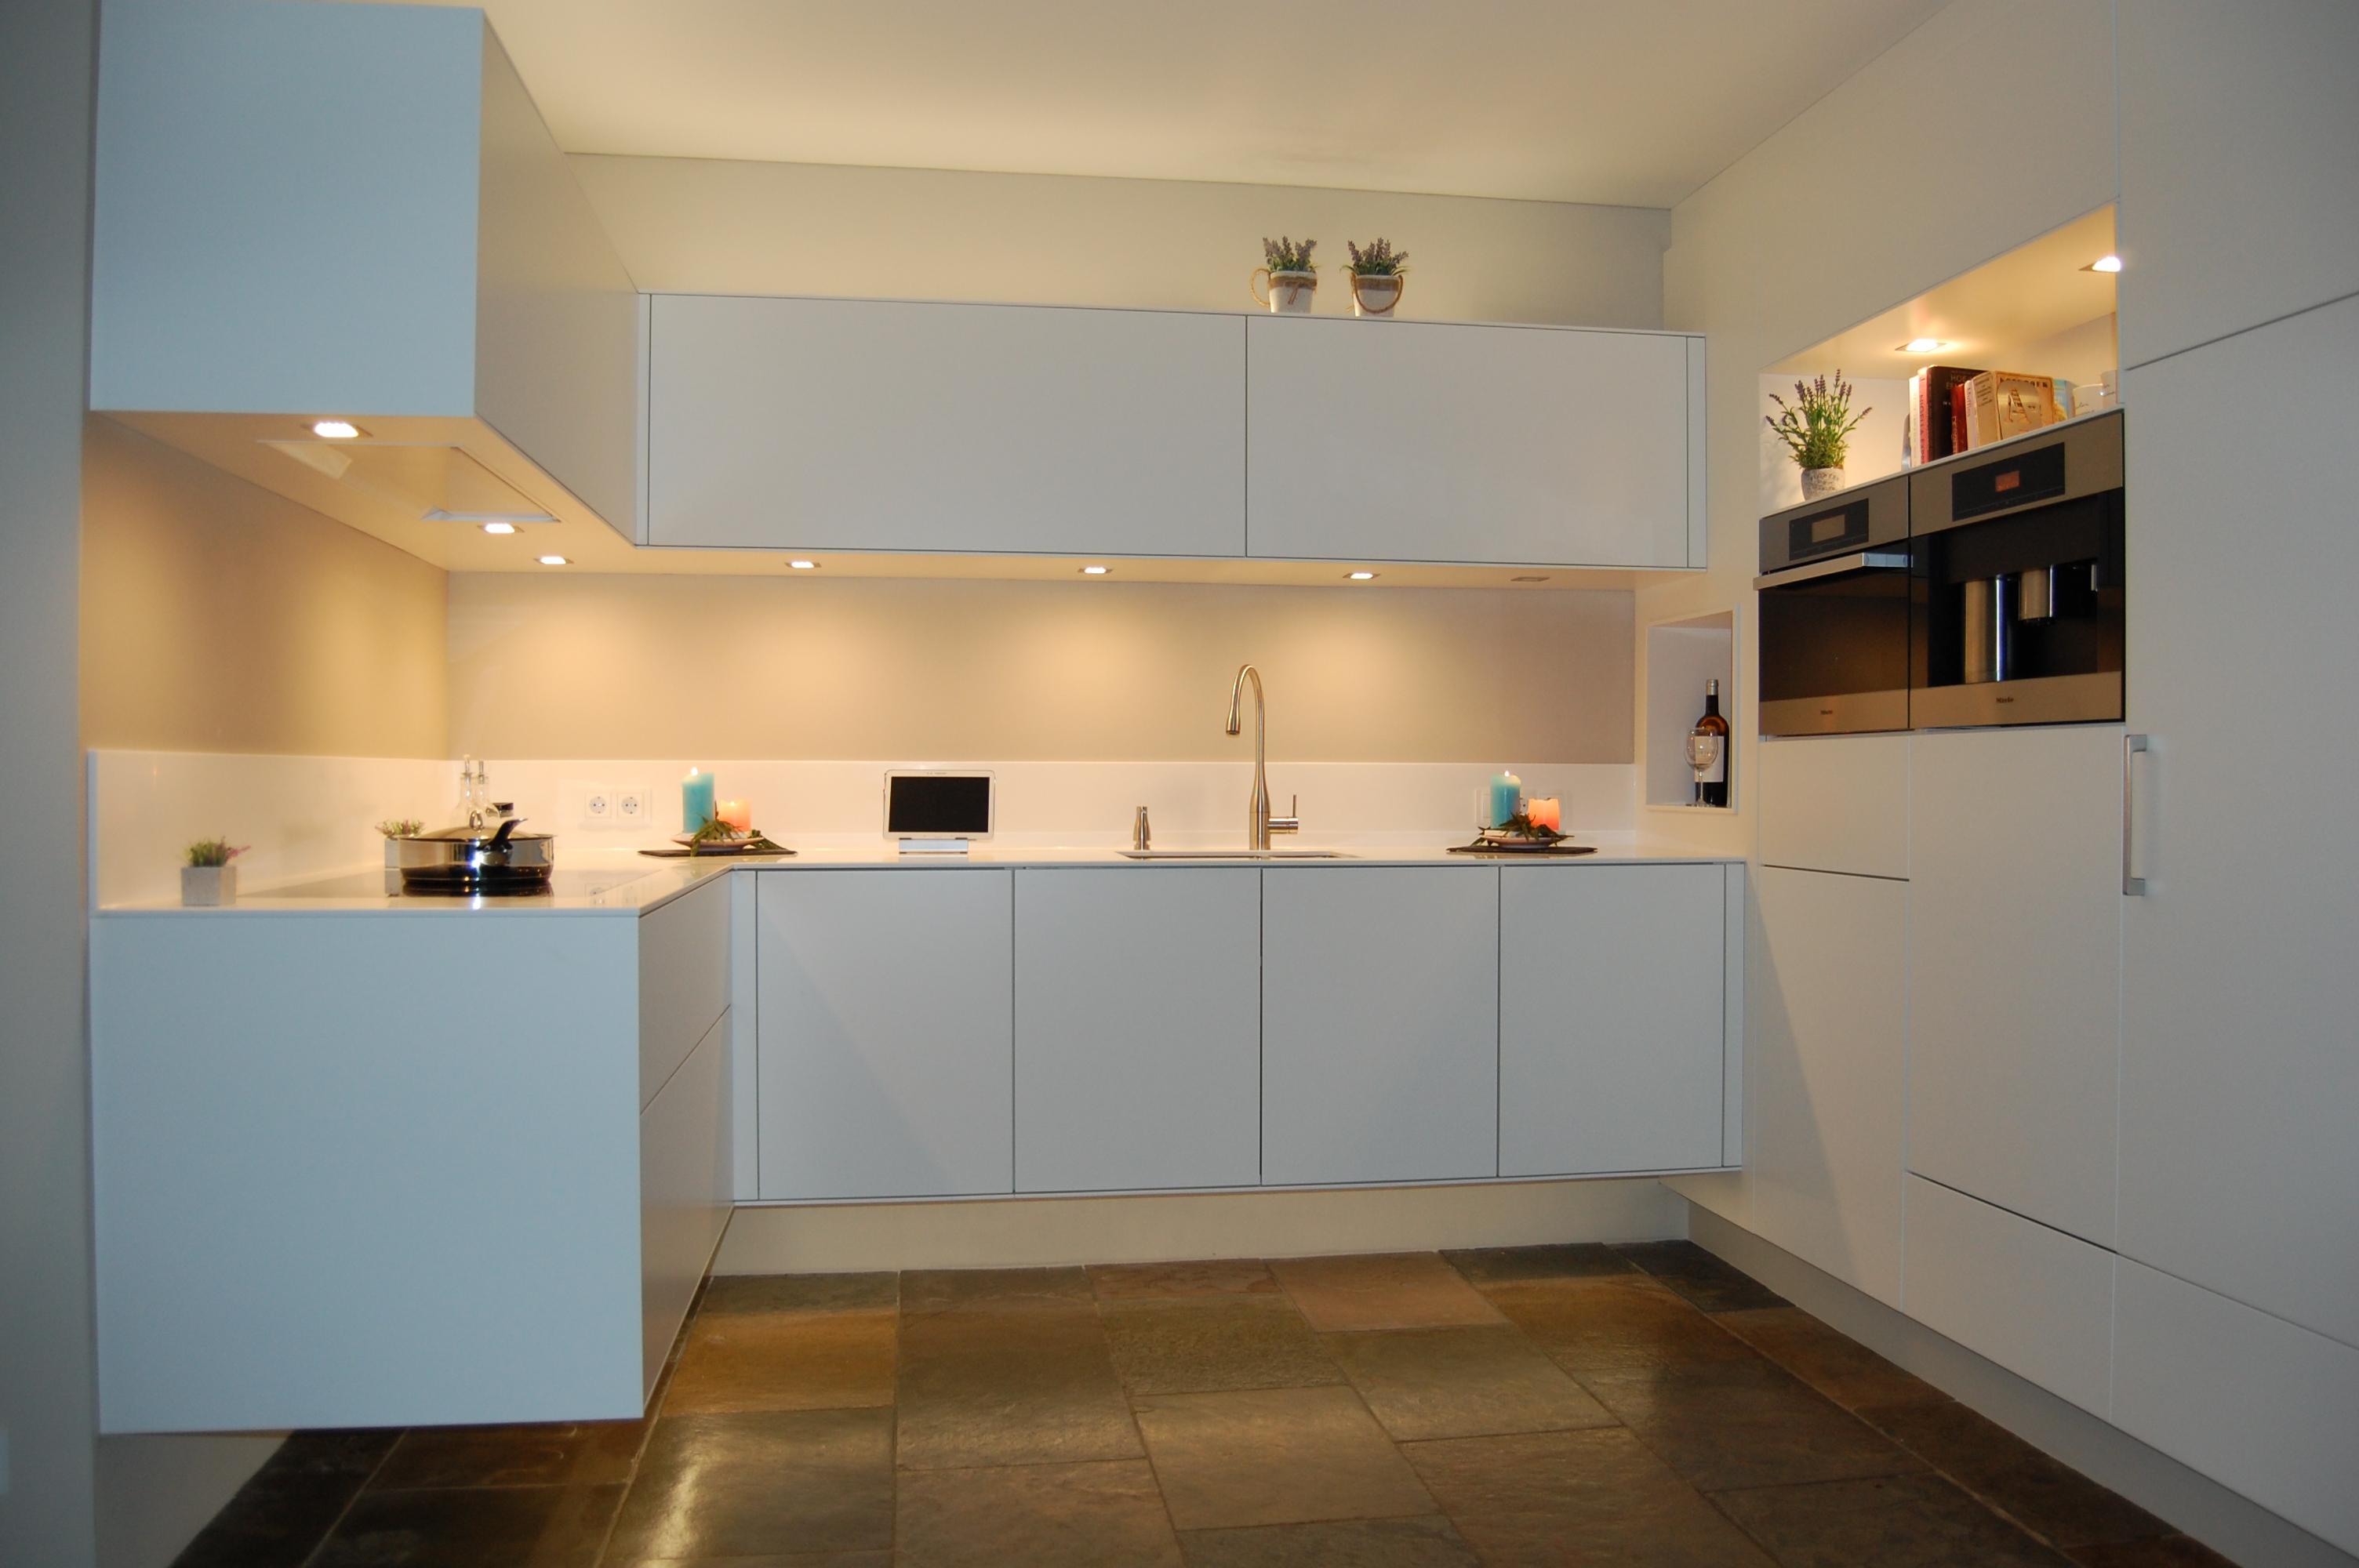 Keuken Design Lommel : Witte Minimalistische Keuken Ontwerp Voor Een ...